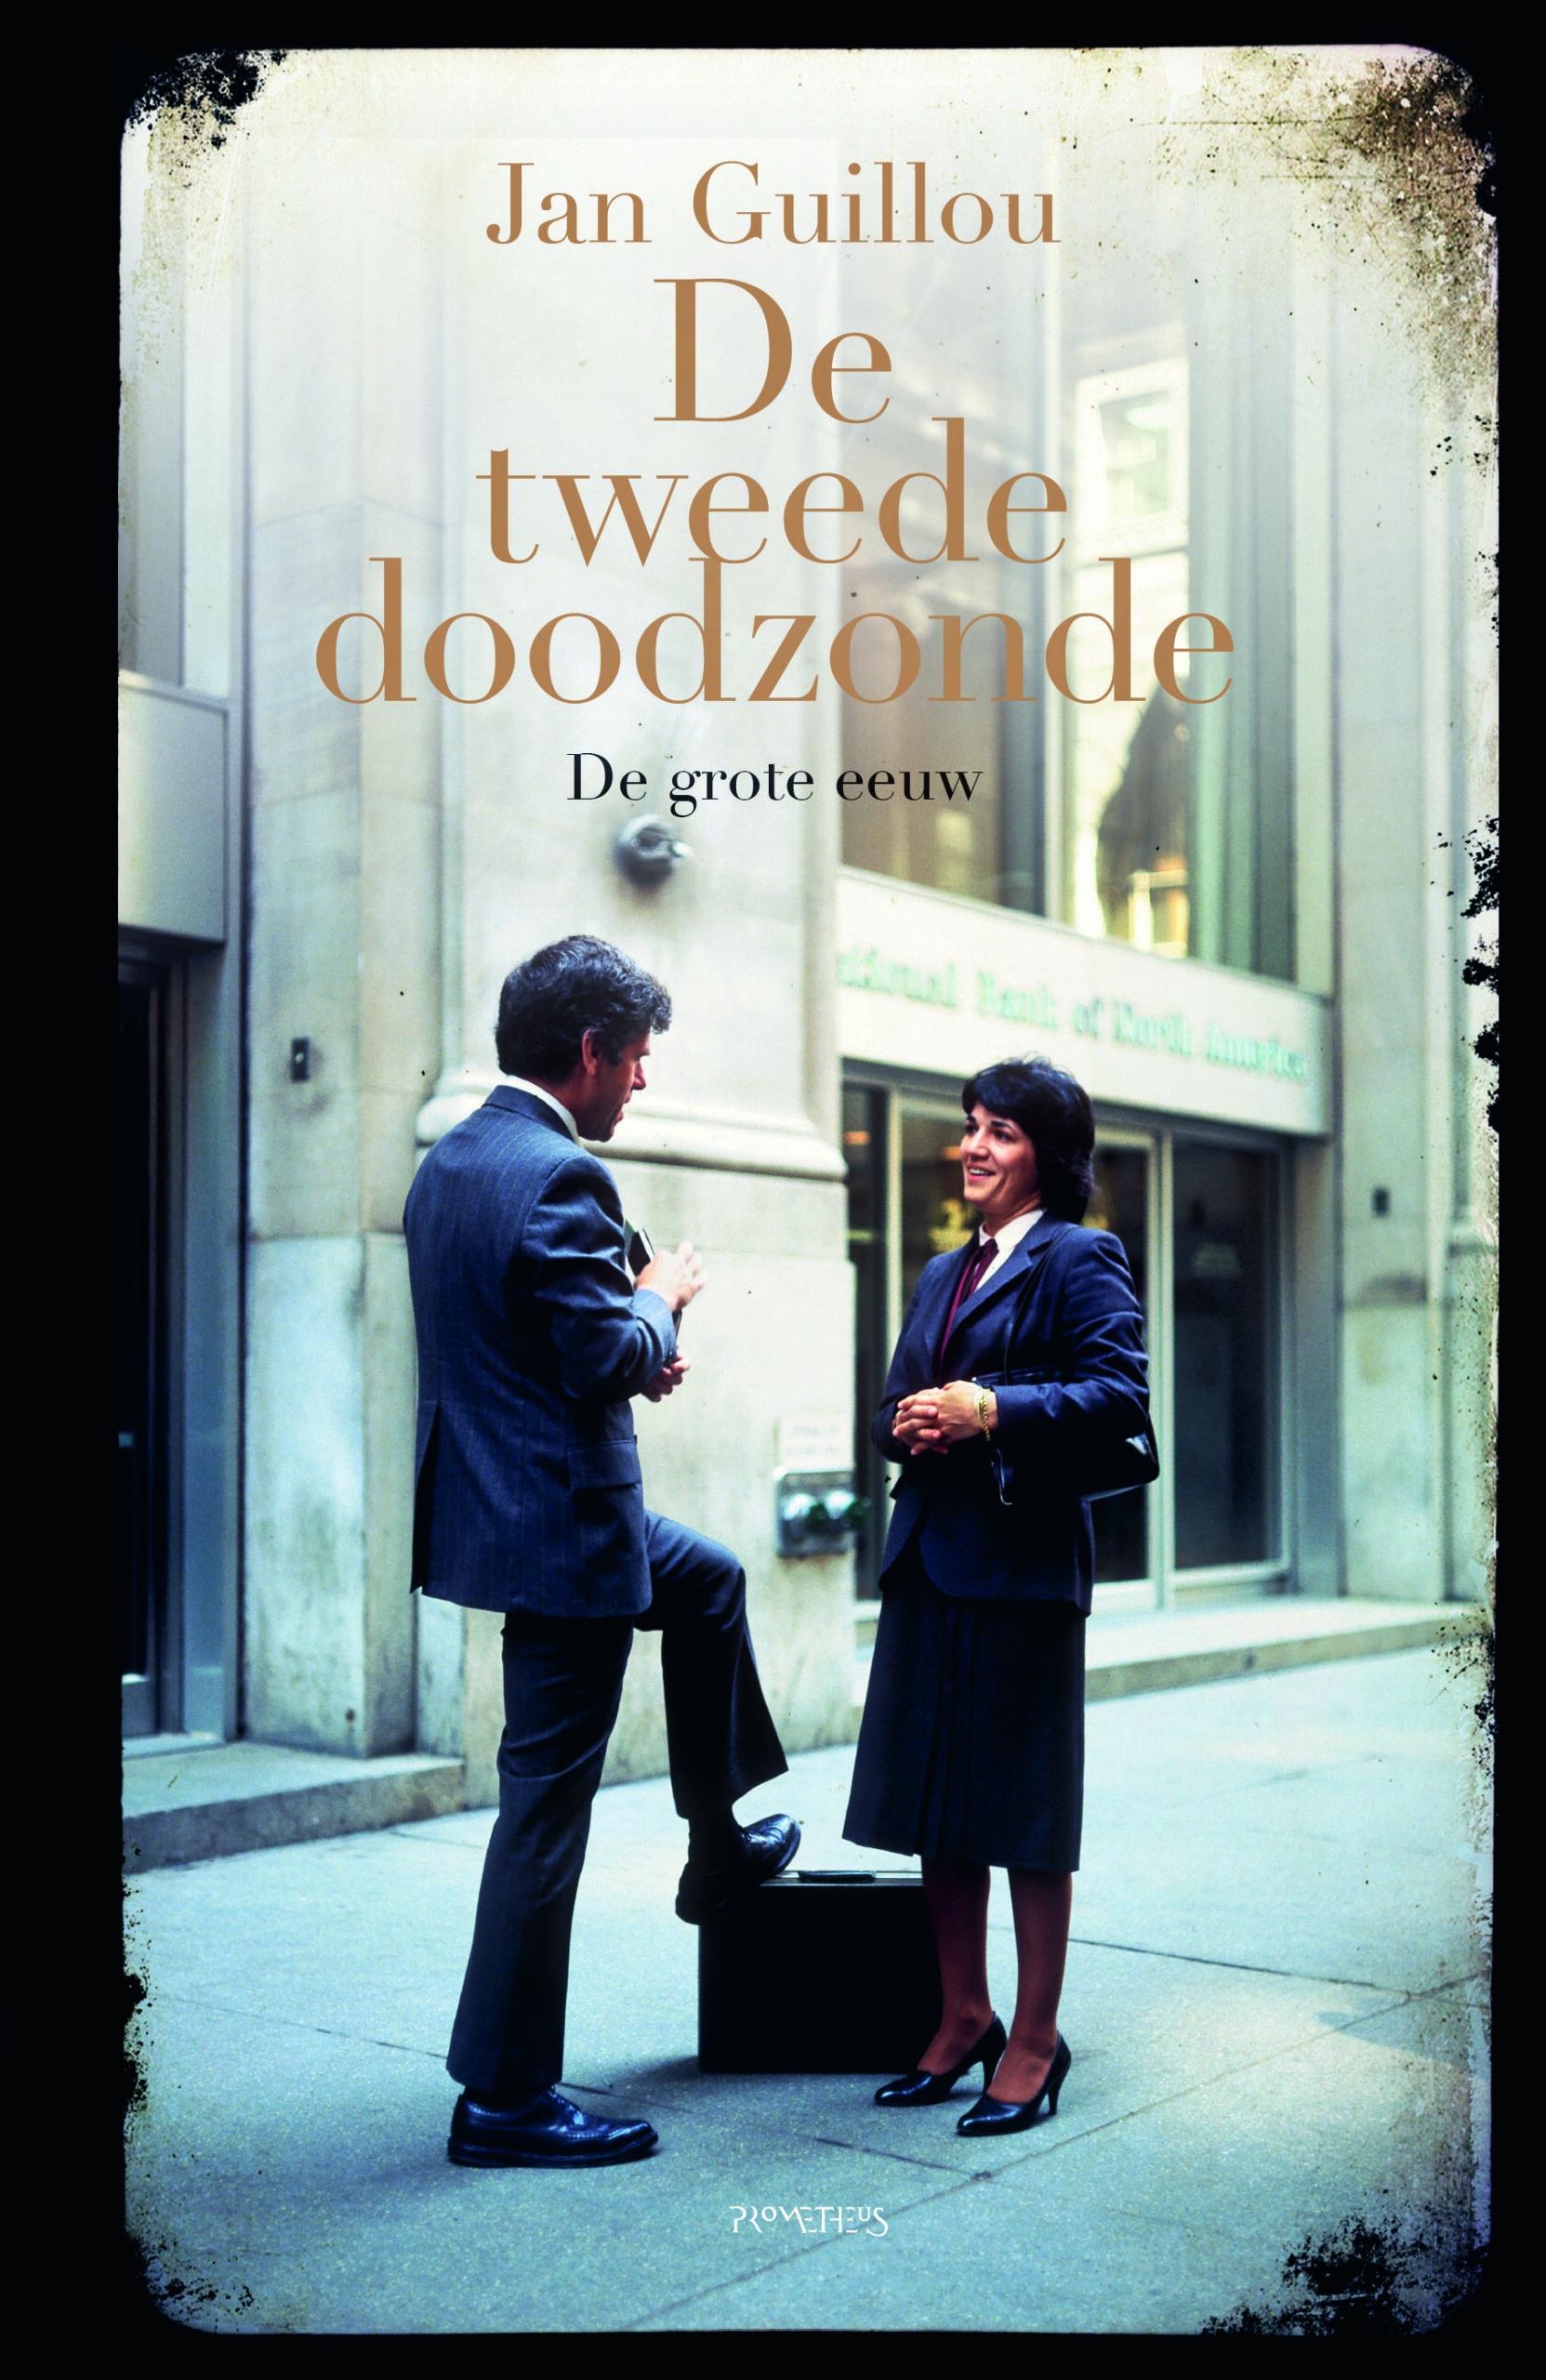 De tweede doodzonde - boekenflits.nl